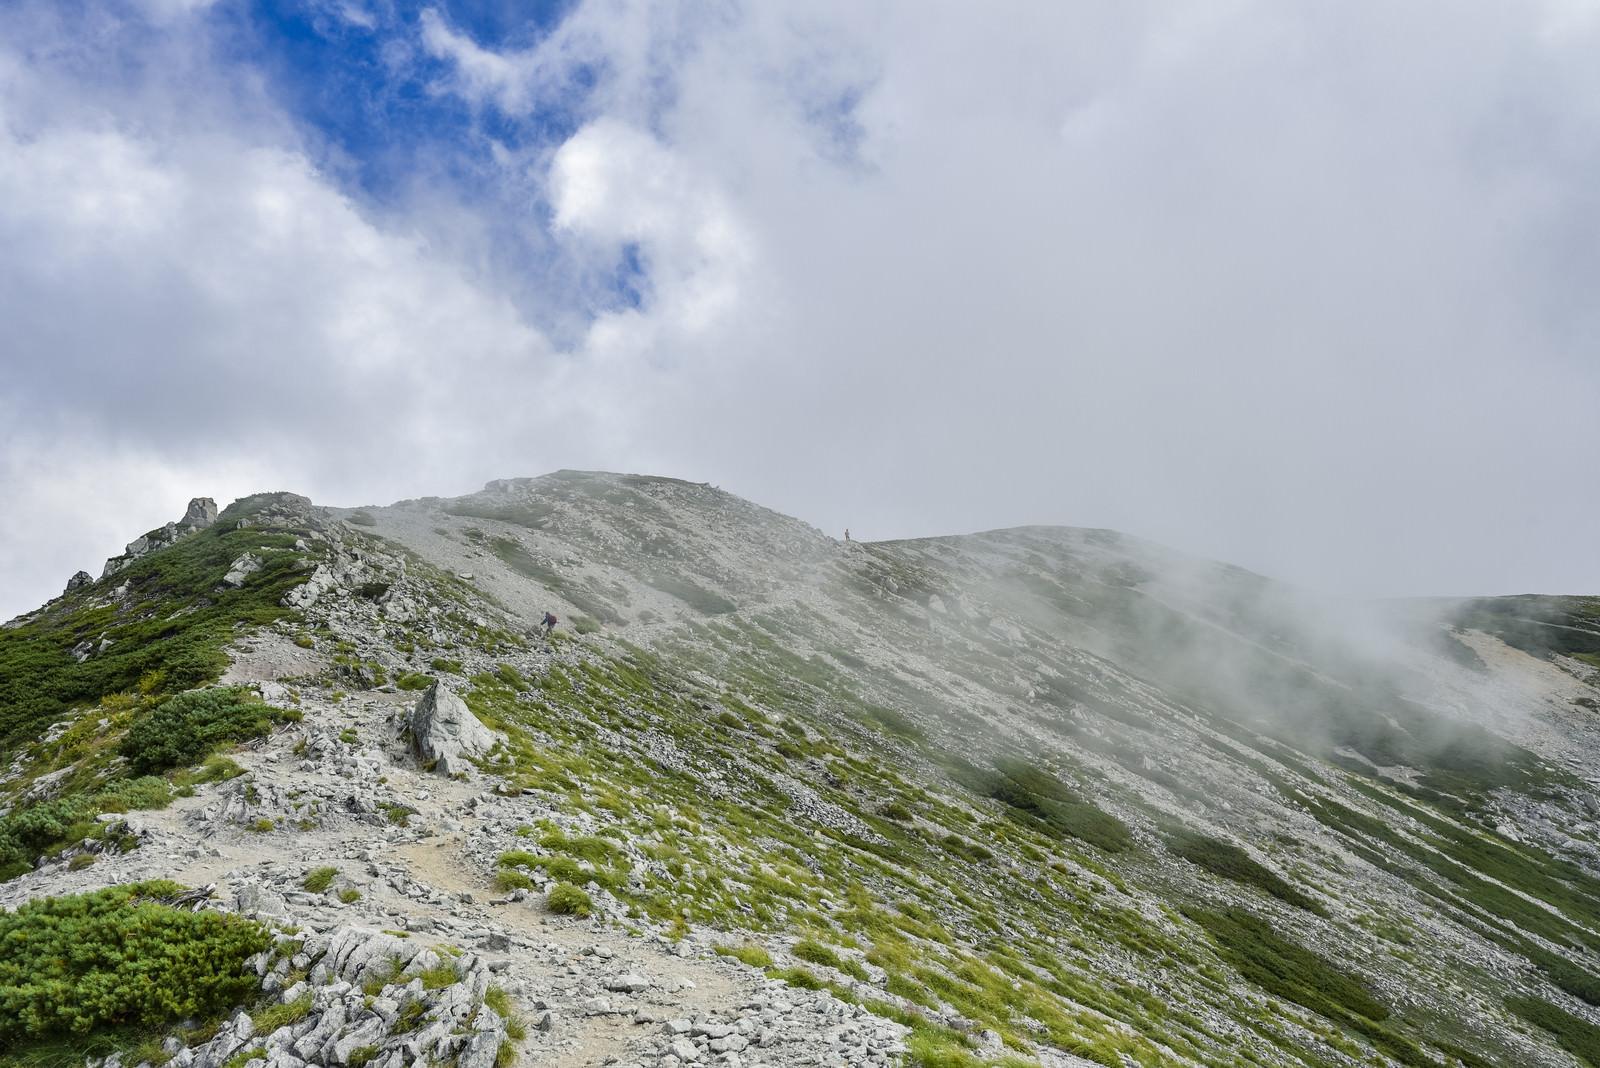 「ガスに包まれる立山別山付近の景色(剱岳)」の写真